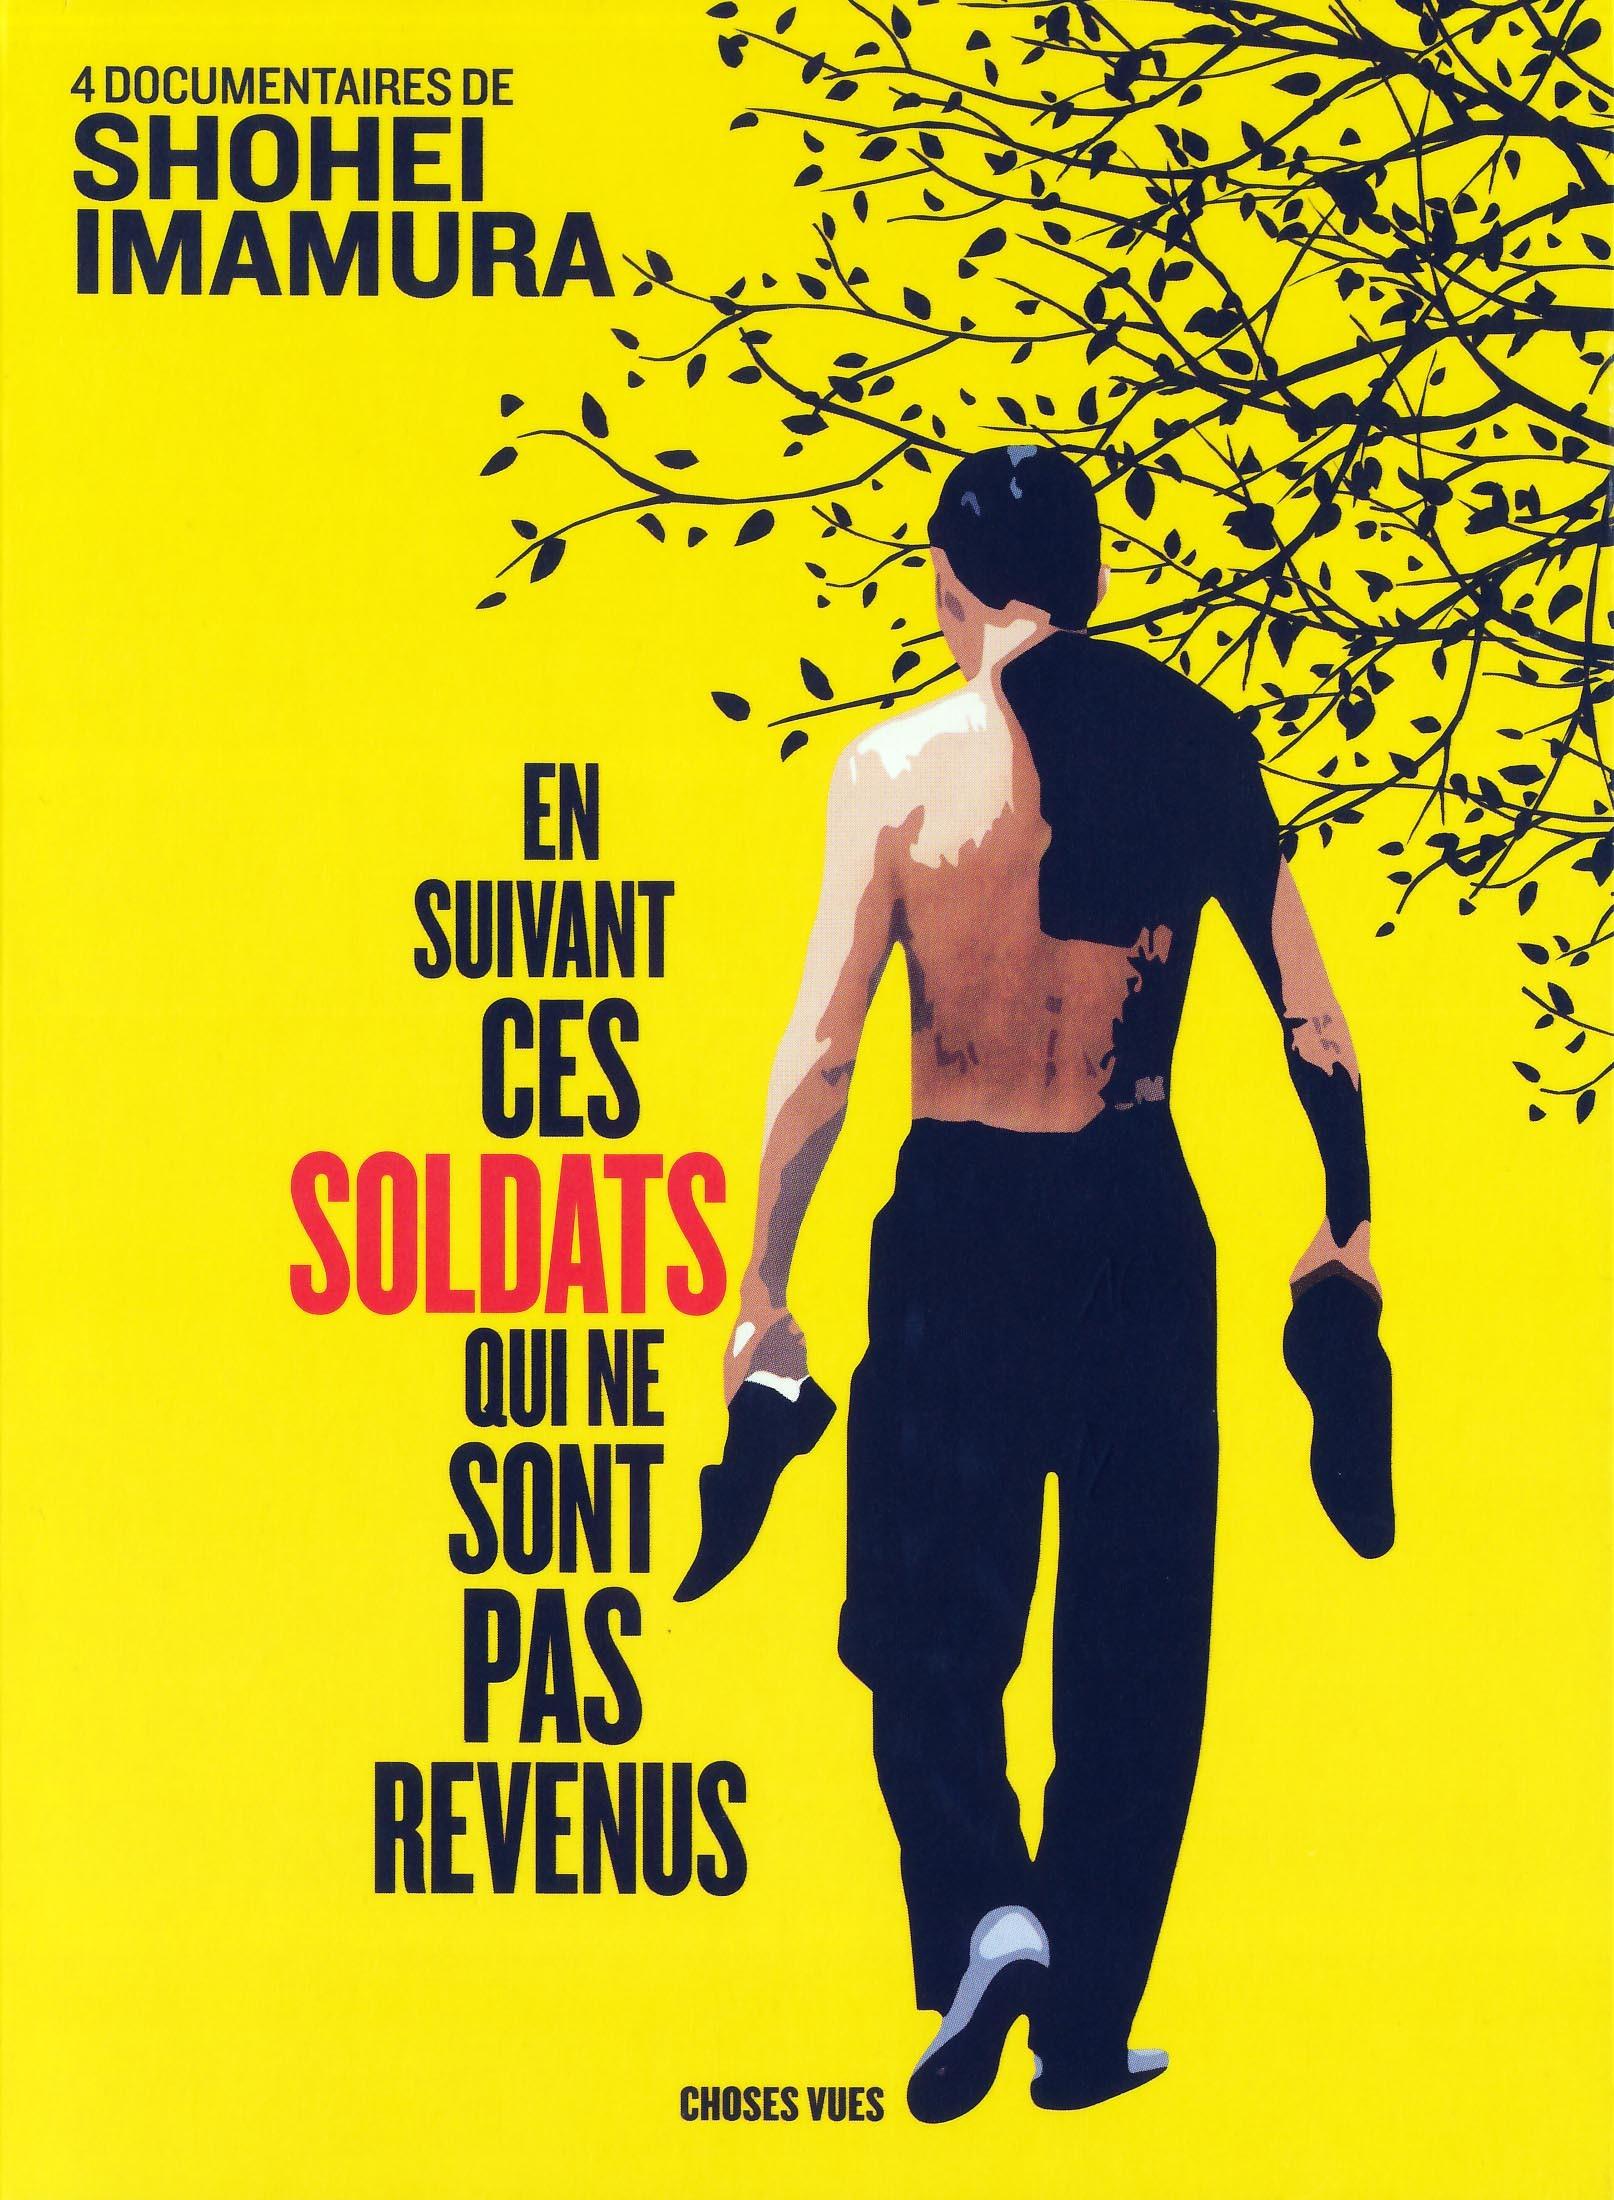 EN SUIVANT CES SOLDATS QUI NE SONT PAS REVENUS - DVD